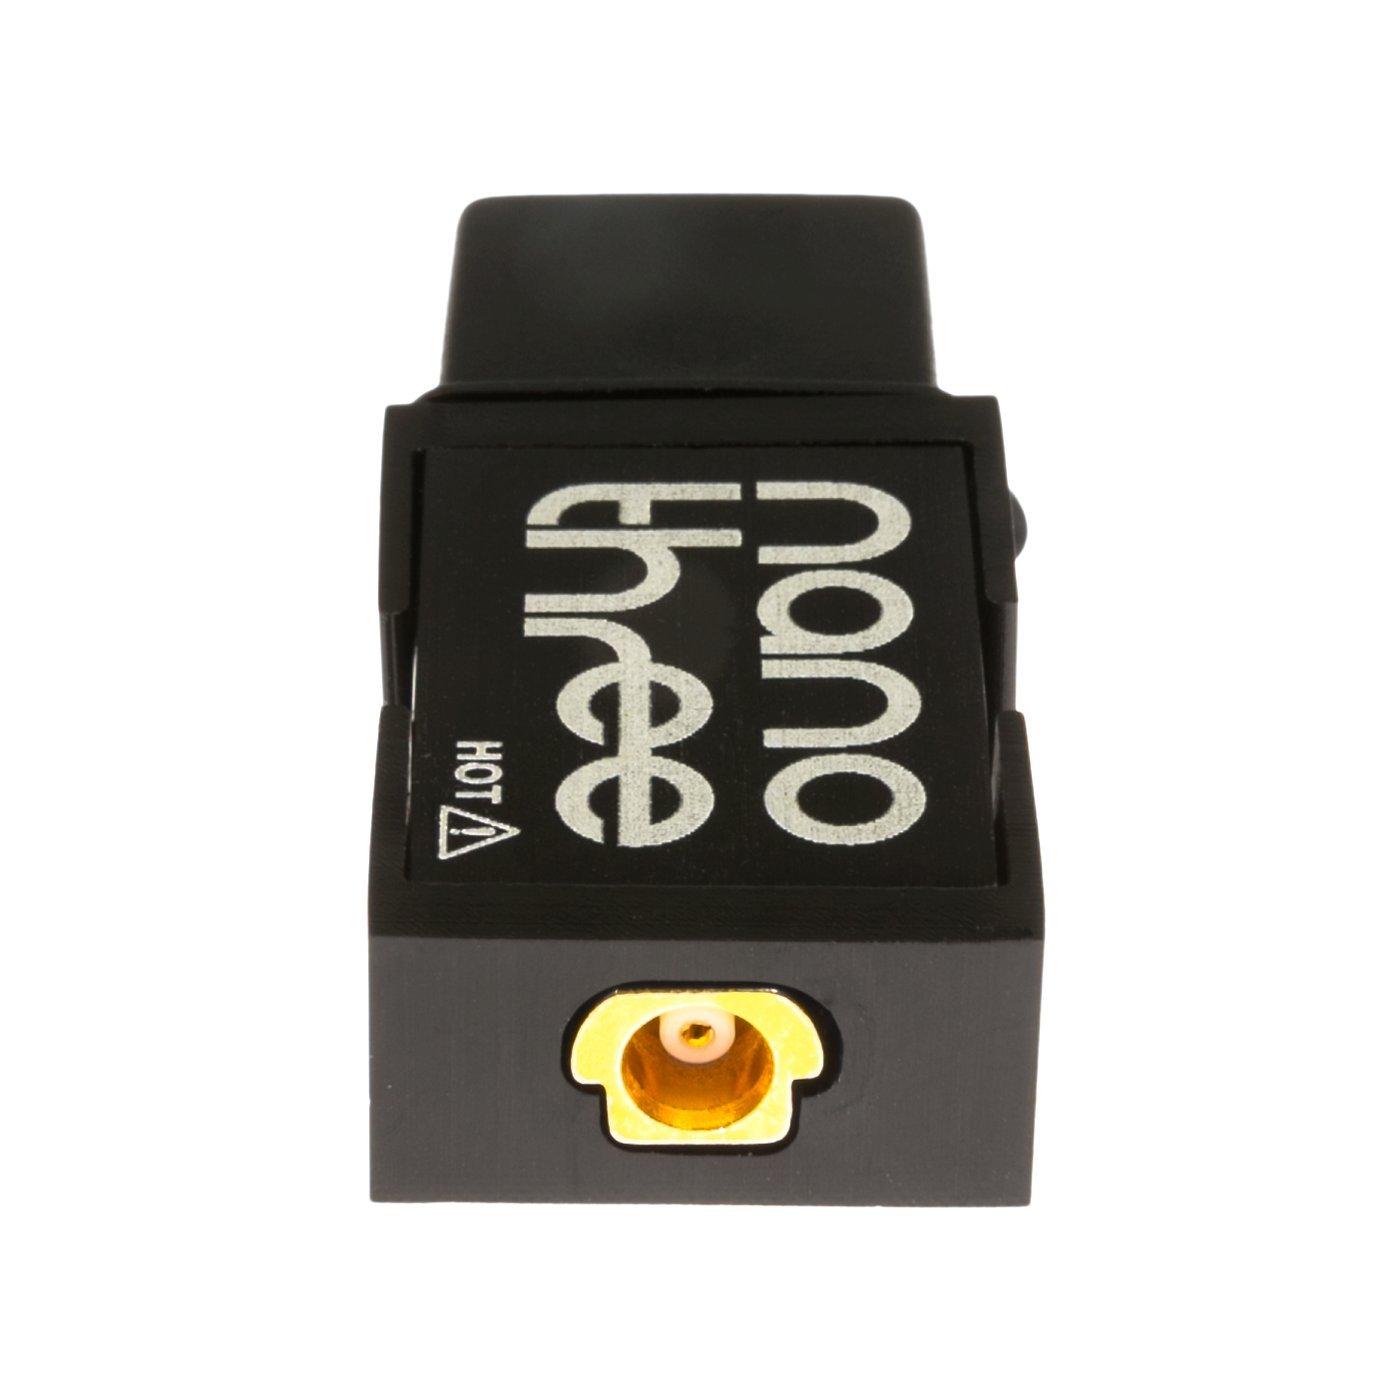 SDR /¡La Radio Definida por Software OTG M/ás Peque/ña del Mundo RTL2832U y R820T2! Edici/ón USB-C: paquete Tiny Premium RTL-SDR para Android y Otros Dispositivos Host USB On-The-Go NESDR Nano 3 OTG